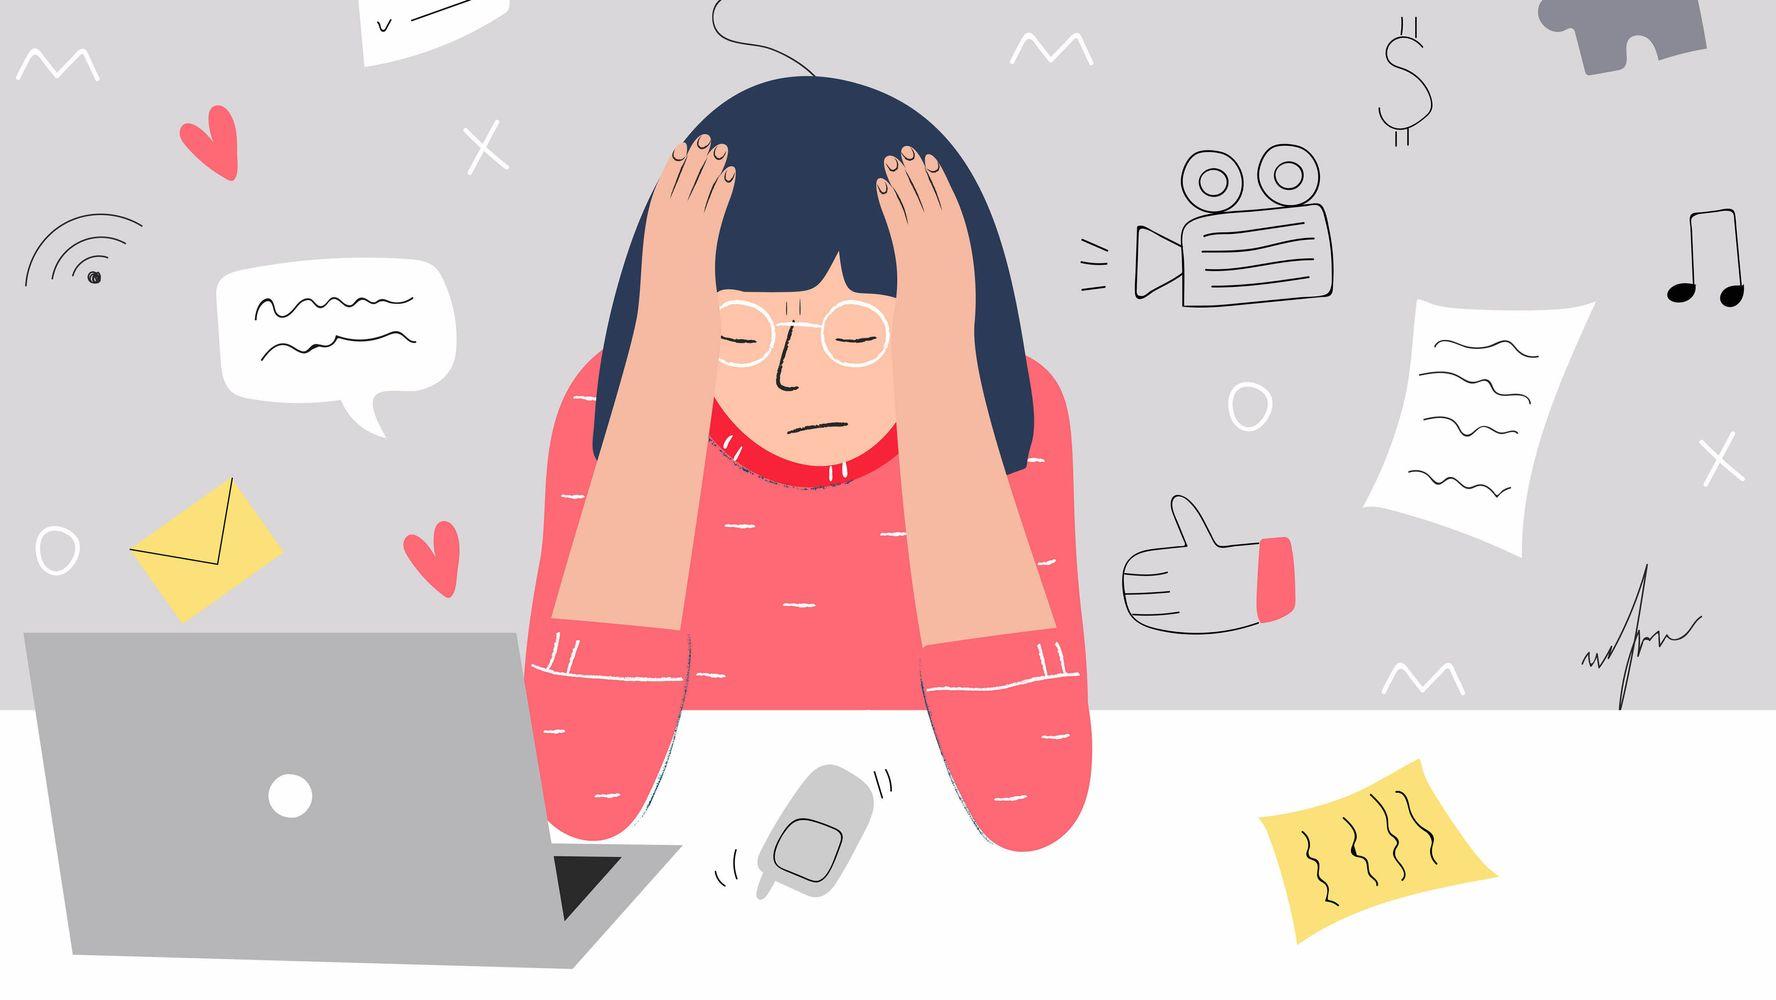 میتوان افکار استرسزا را کنترل کرد؟